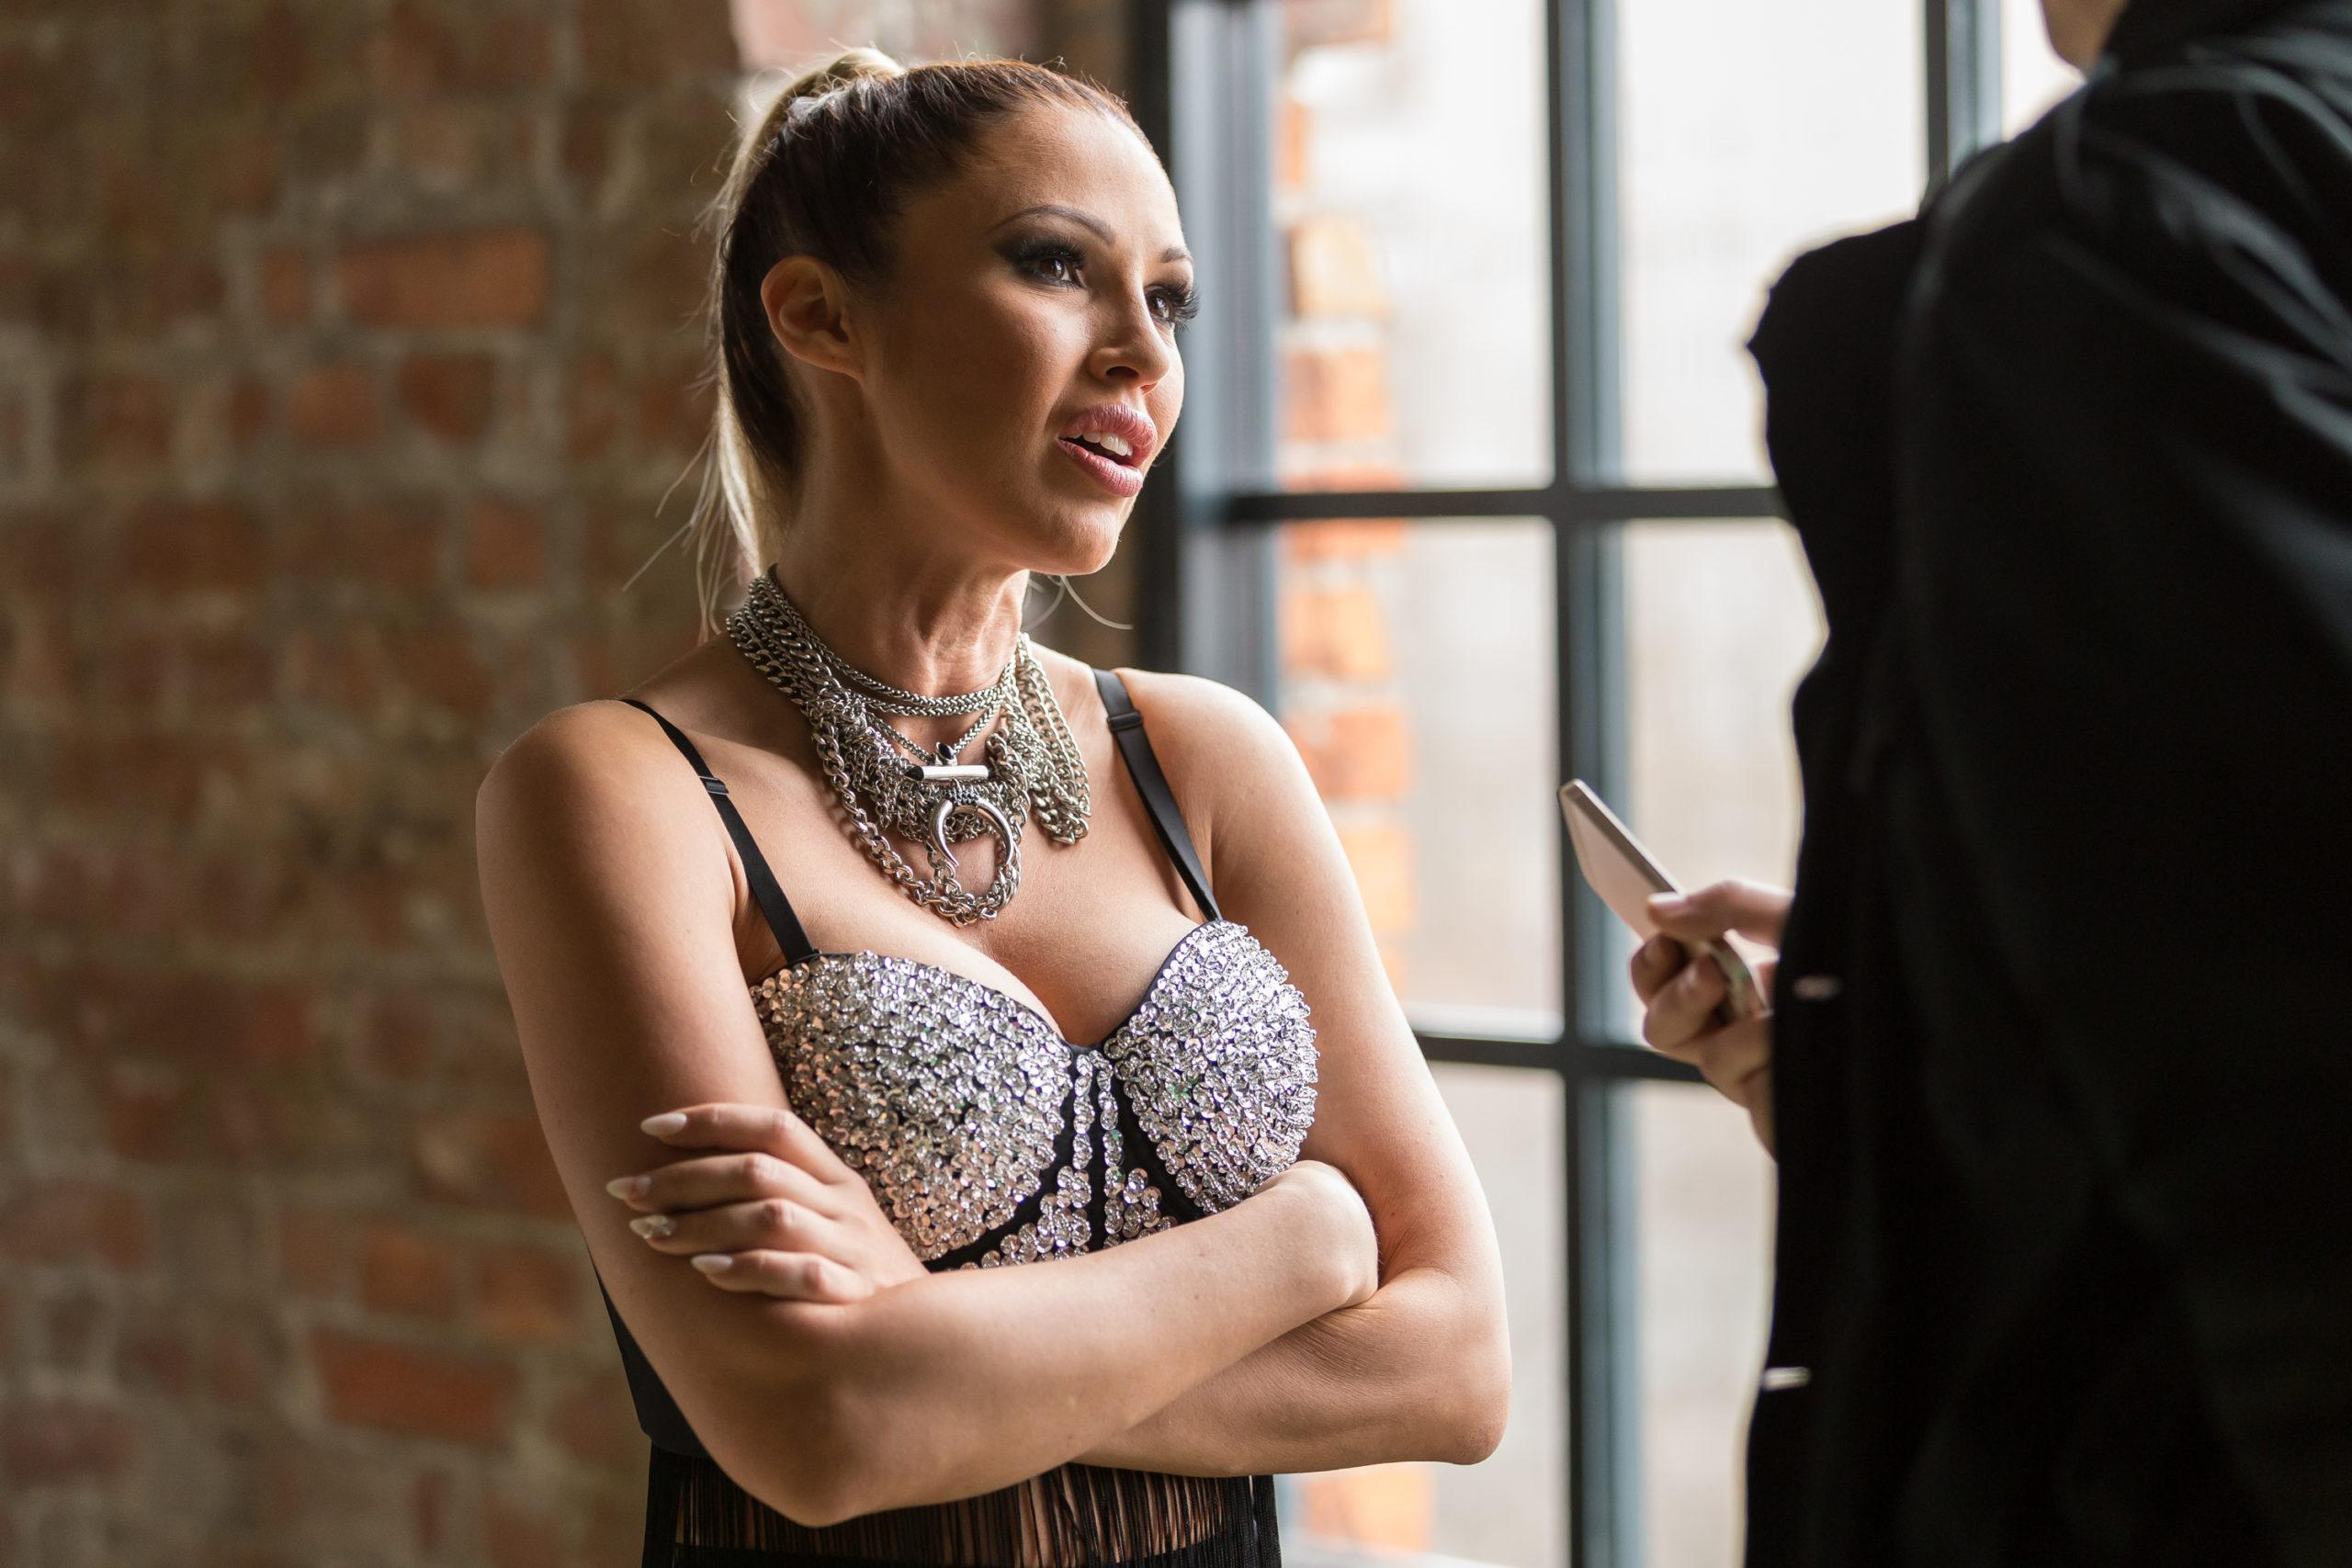 Kustánczi Lia elismerte, hogy jó kapcsolatban van a milliárdos üzletemberrel